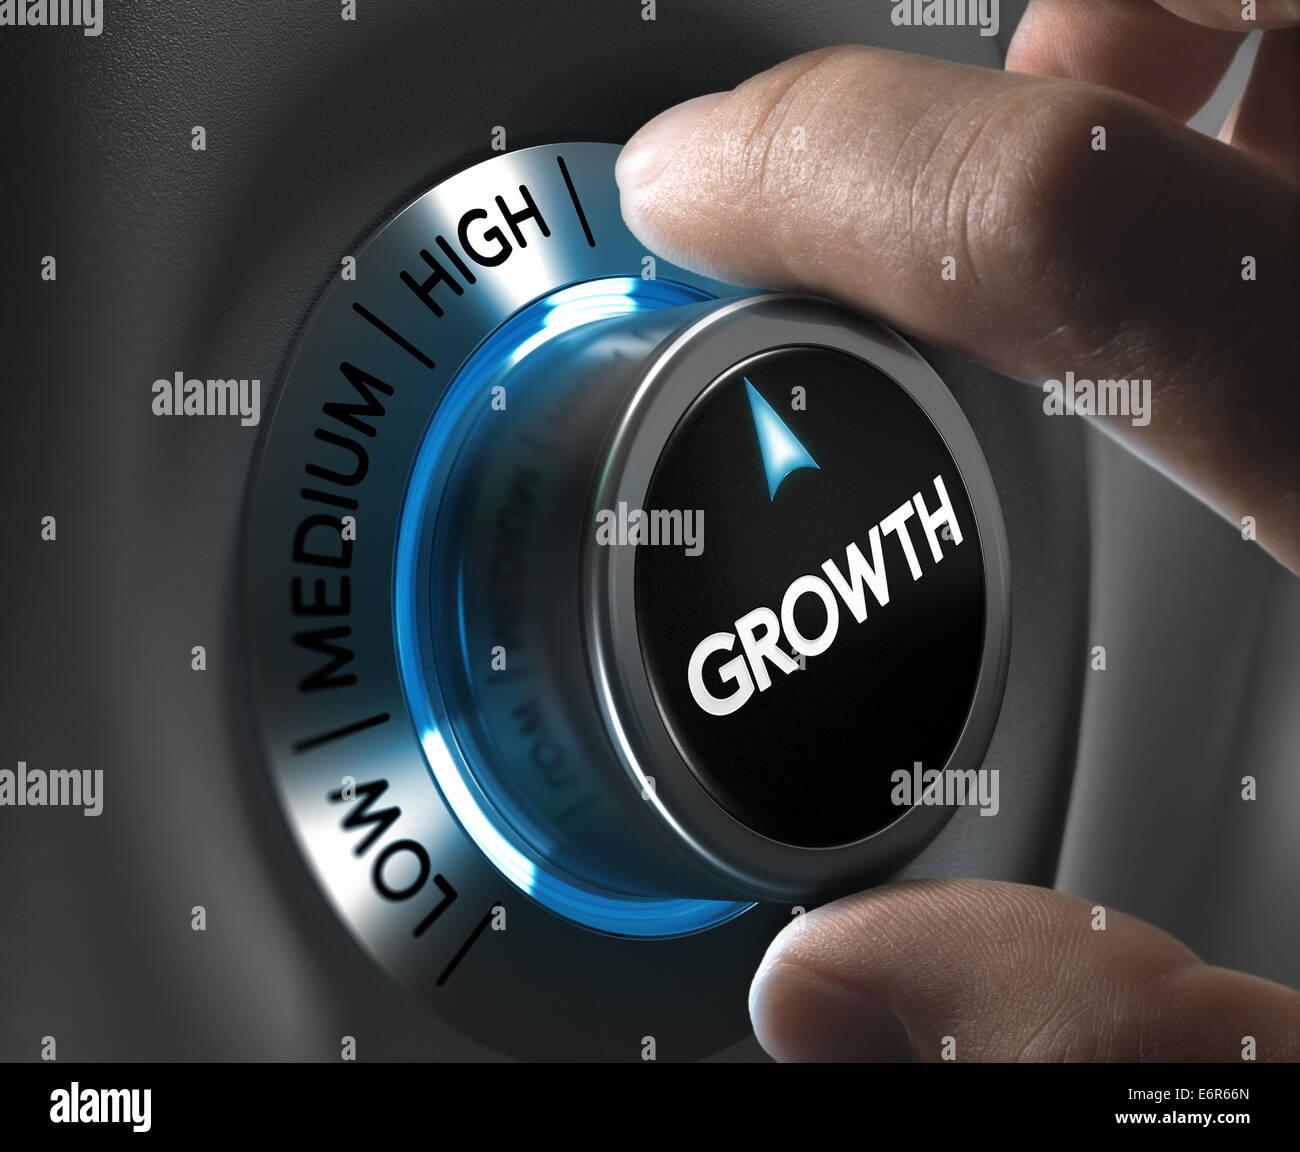 Wachstum Taste auf die höchste Position mit zwei Fingern, blauen und grauen Farbtönen, konzeptionelle Stockbild